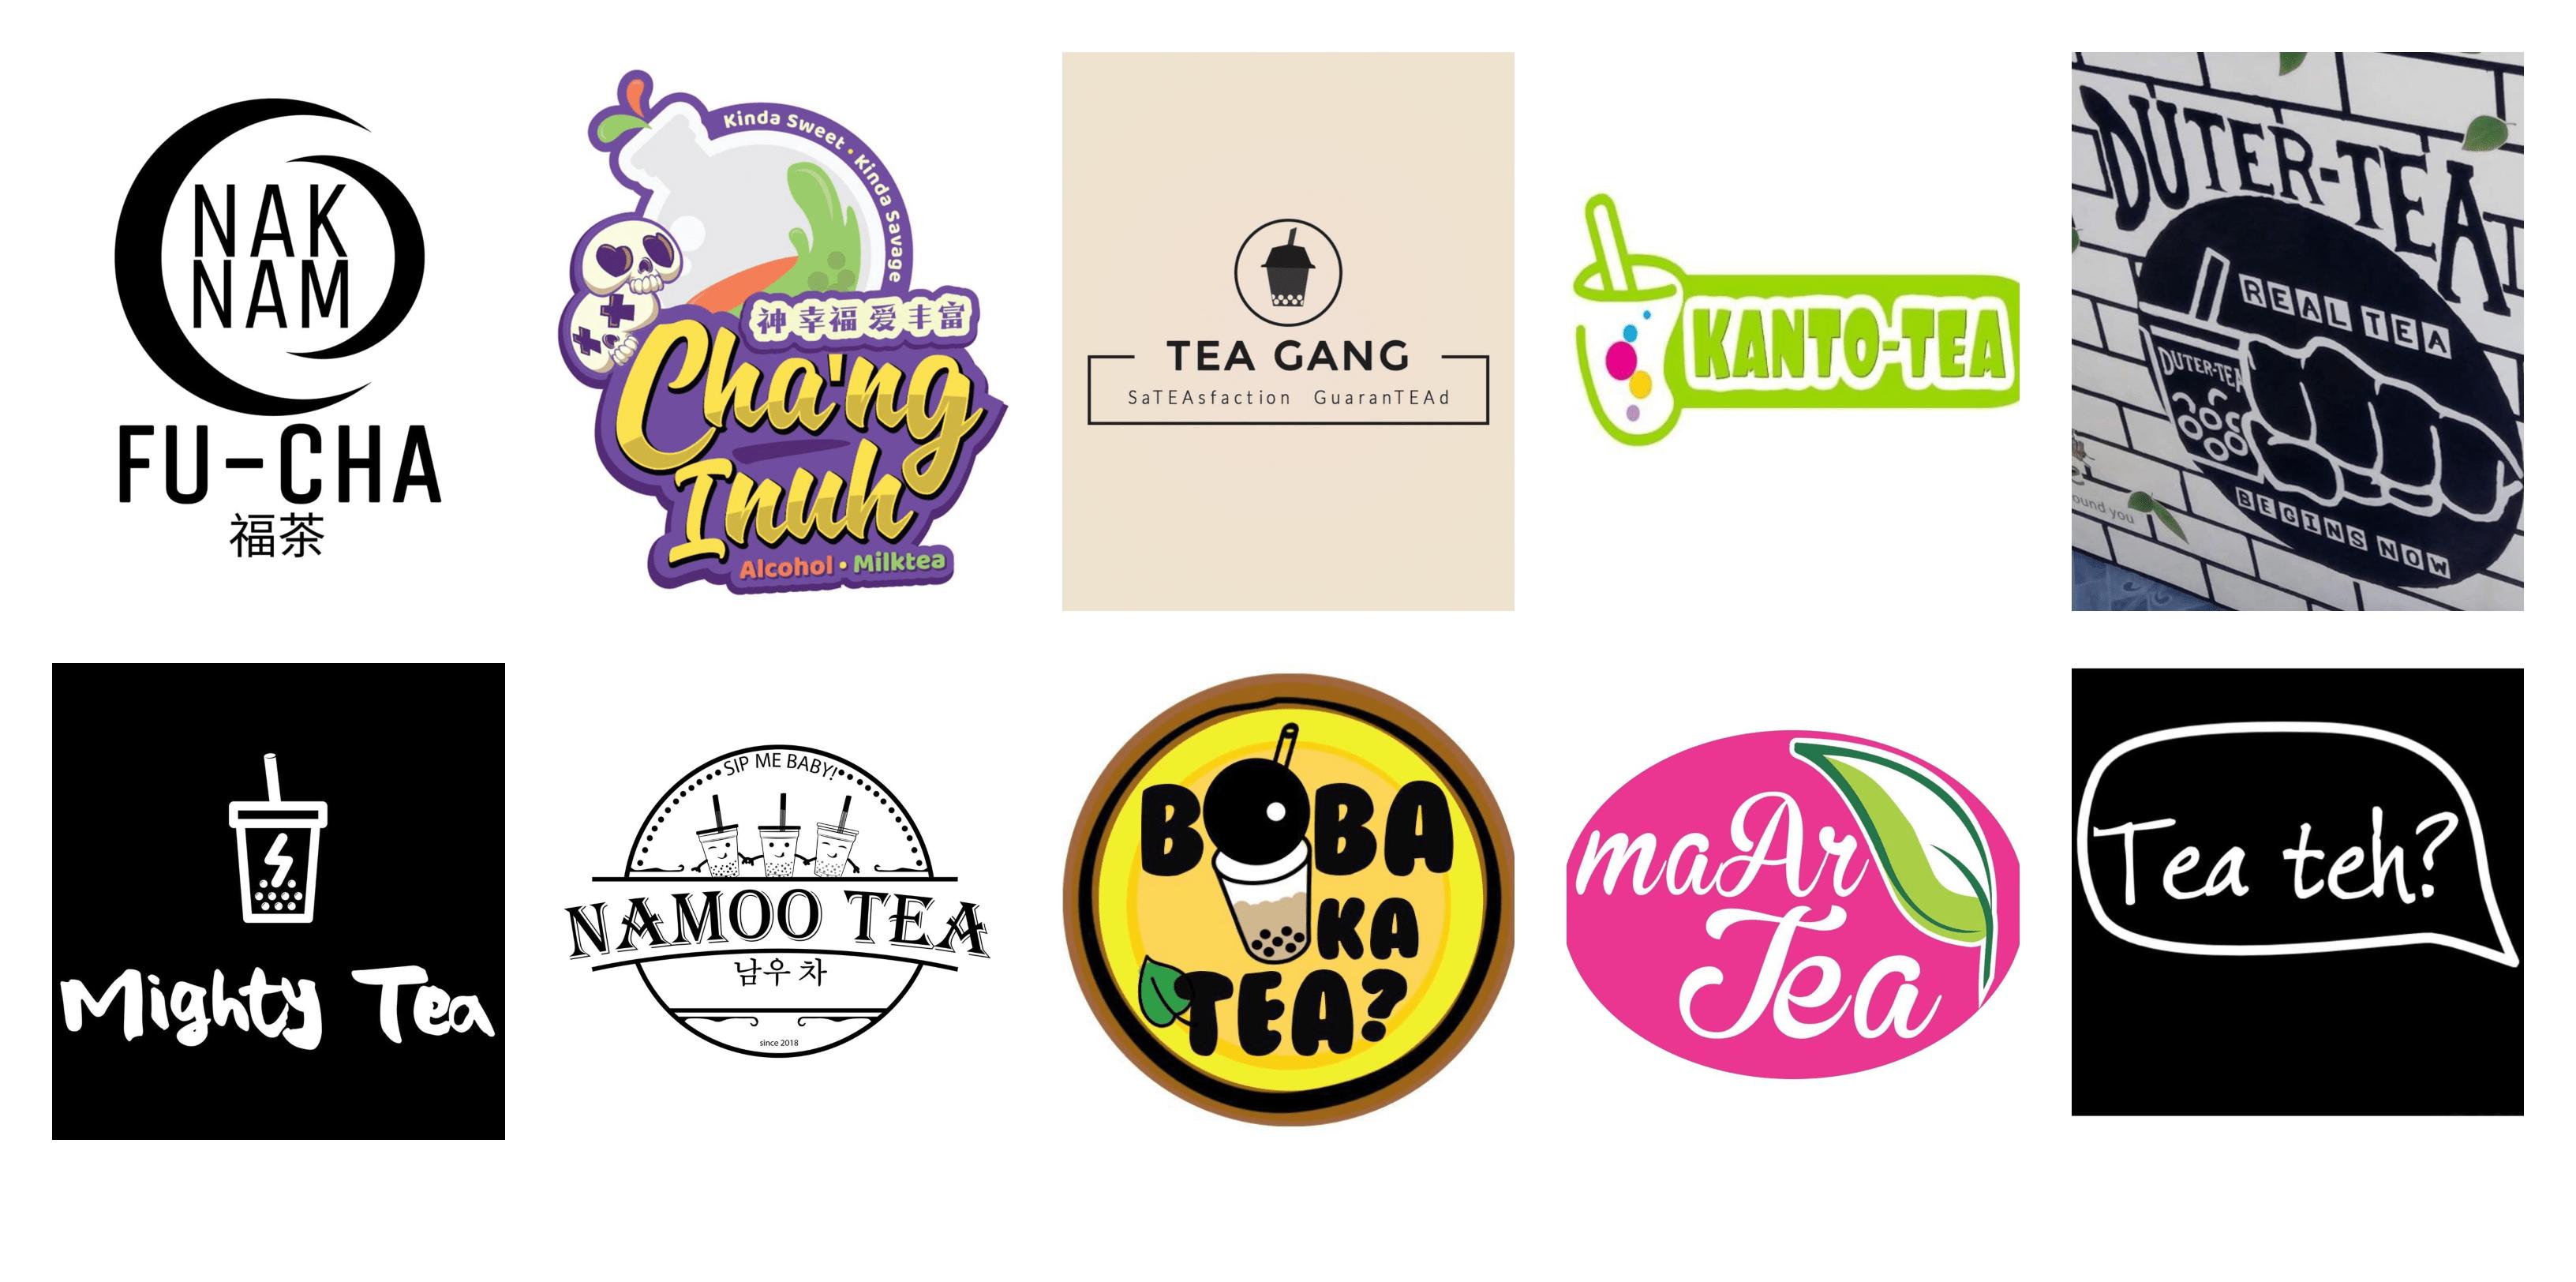 Funny Milk Tea Shop Names